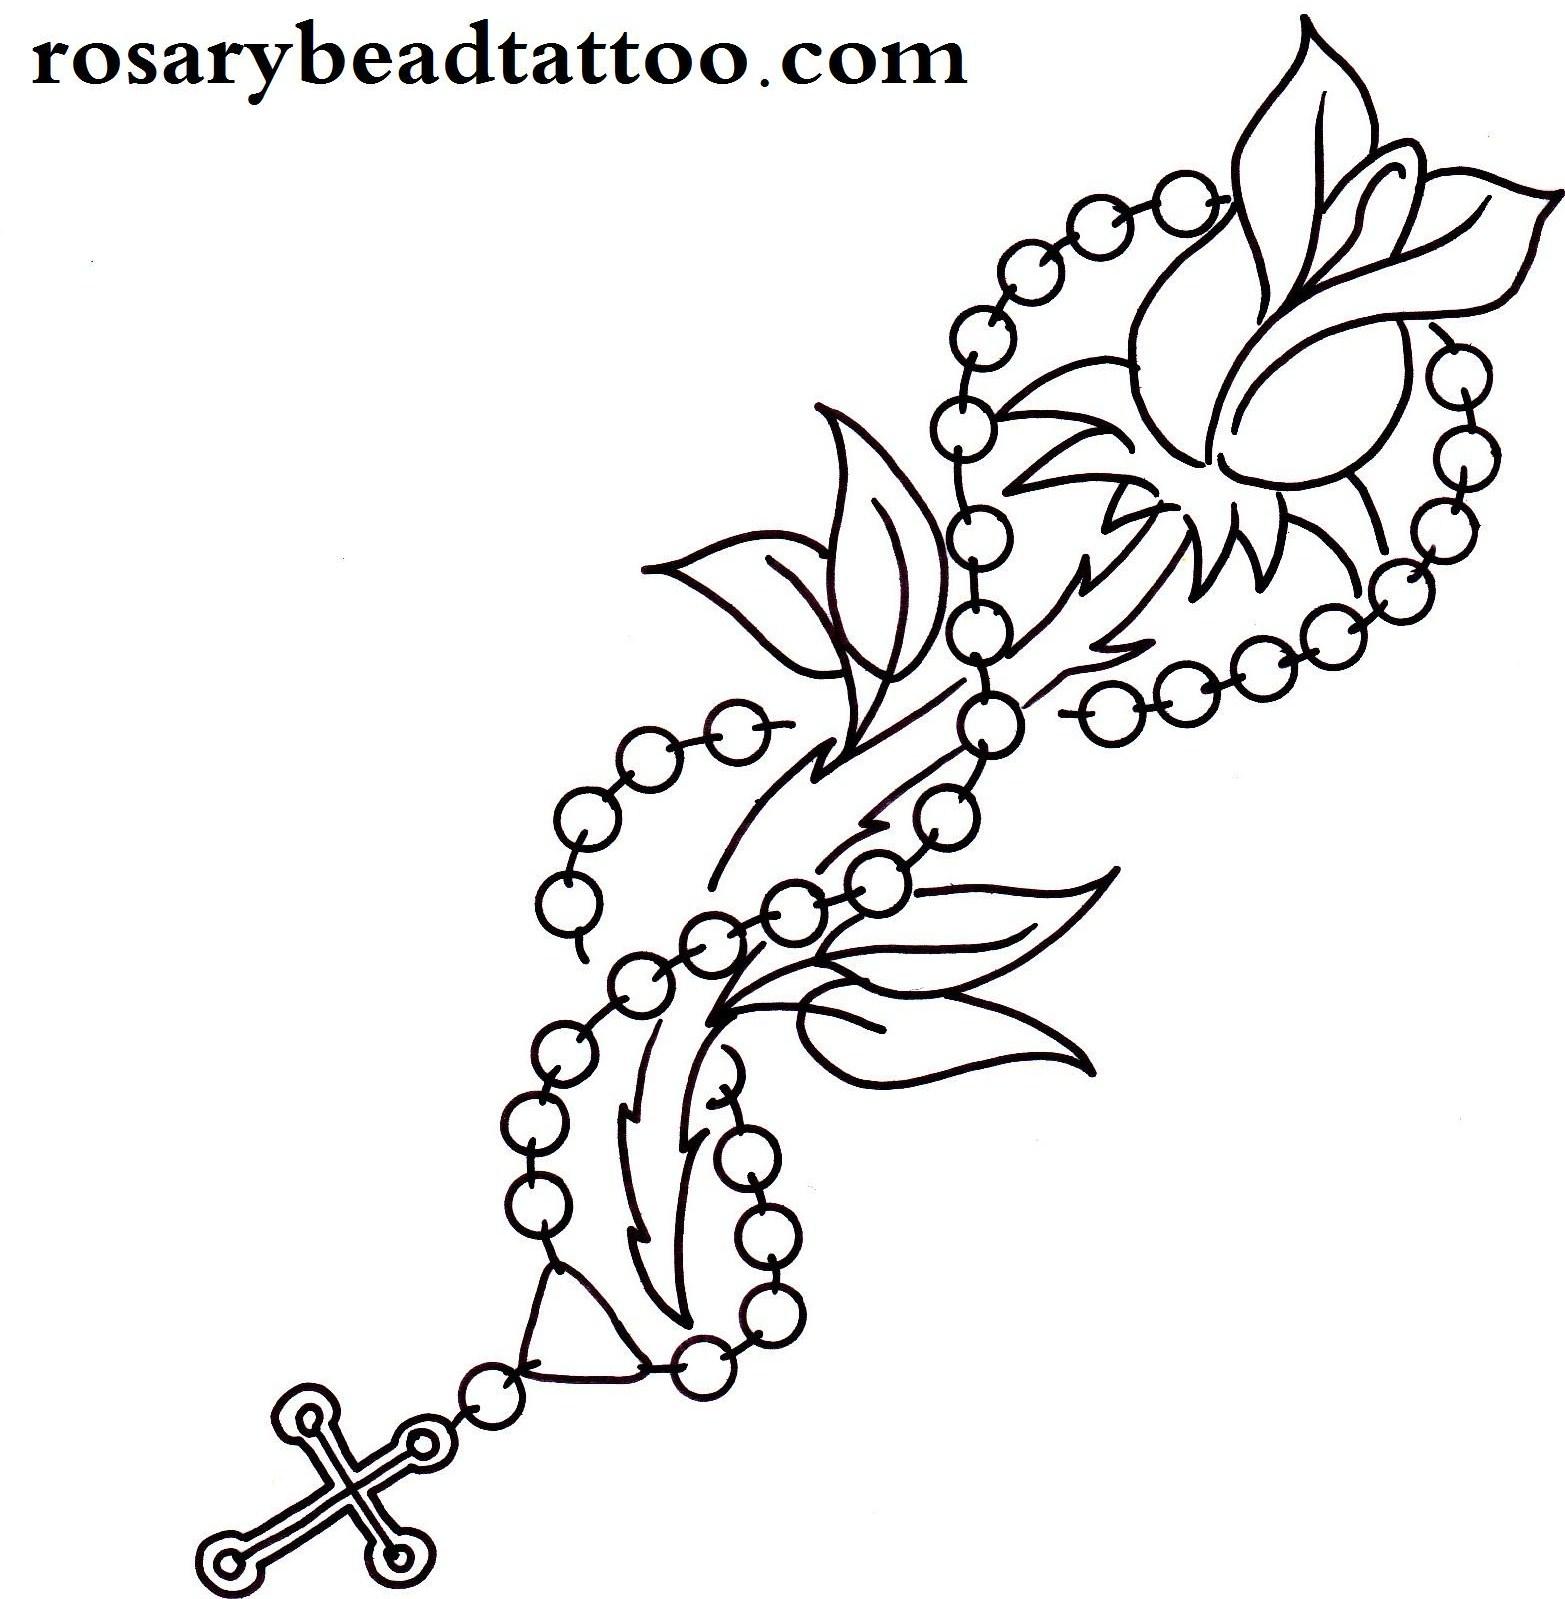 1565x1599 Drawn Tattoo Rosary